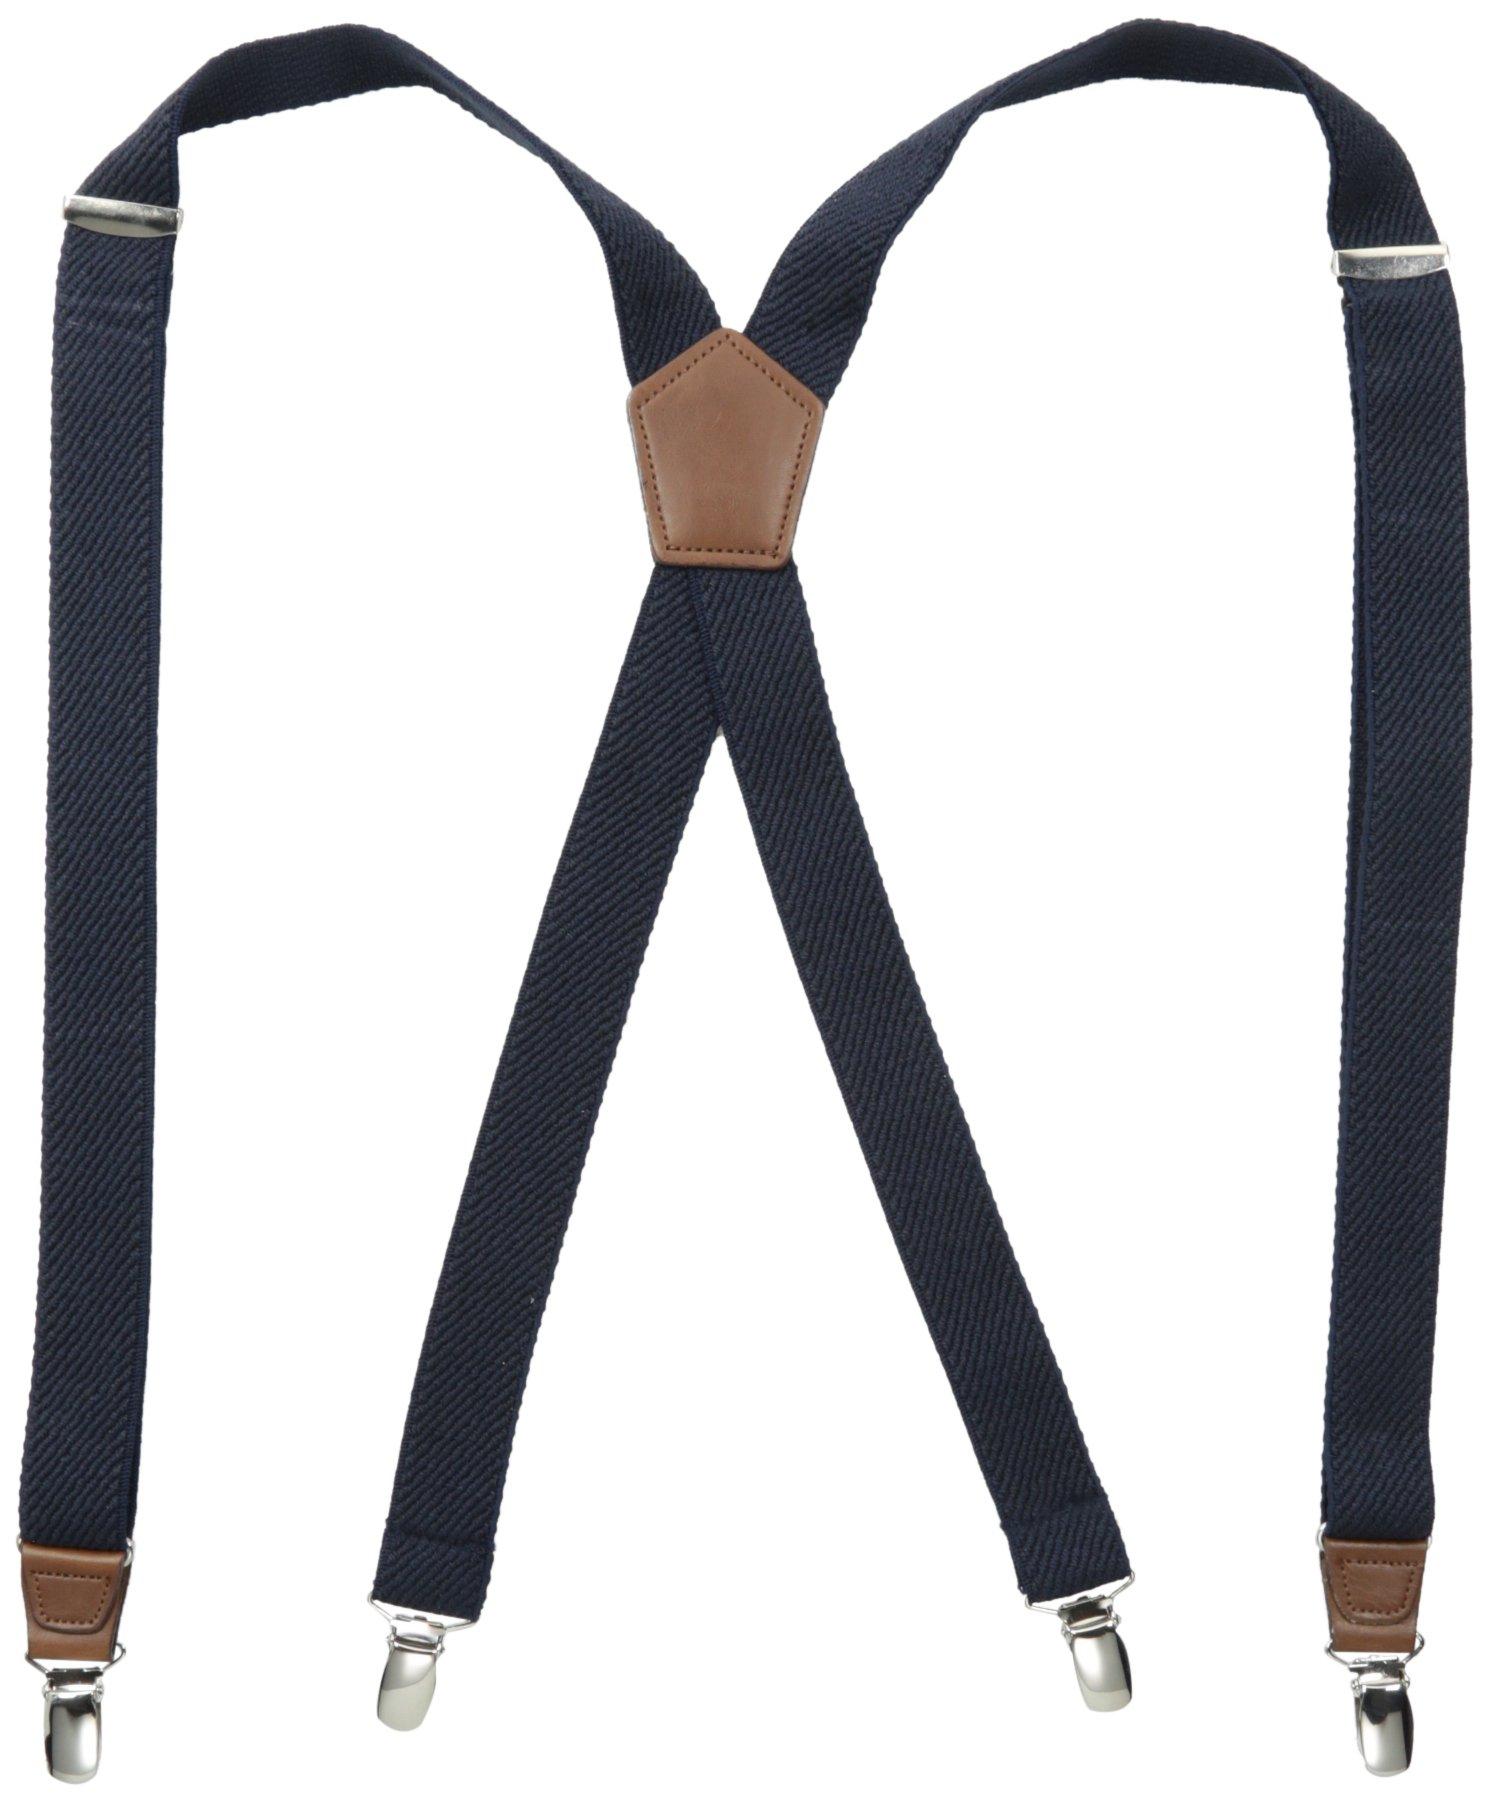 Dockers Men's Solid Suspenders,Textured Navy,One Size